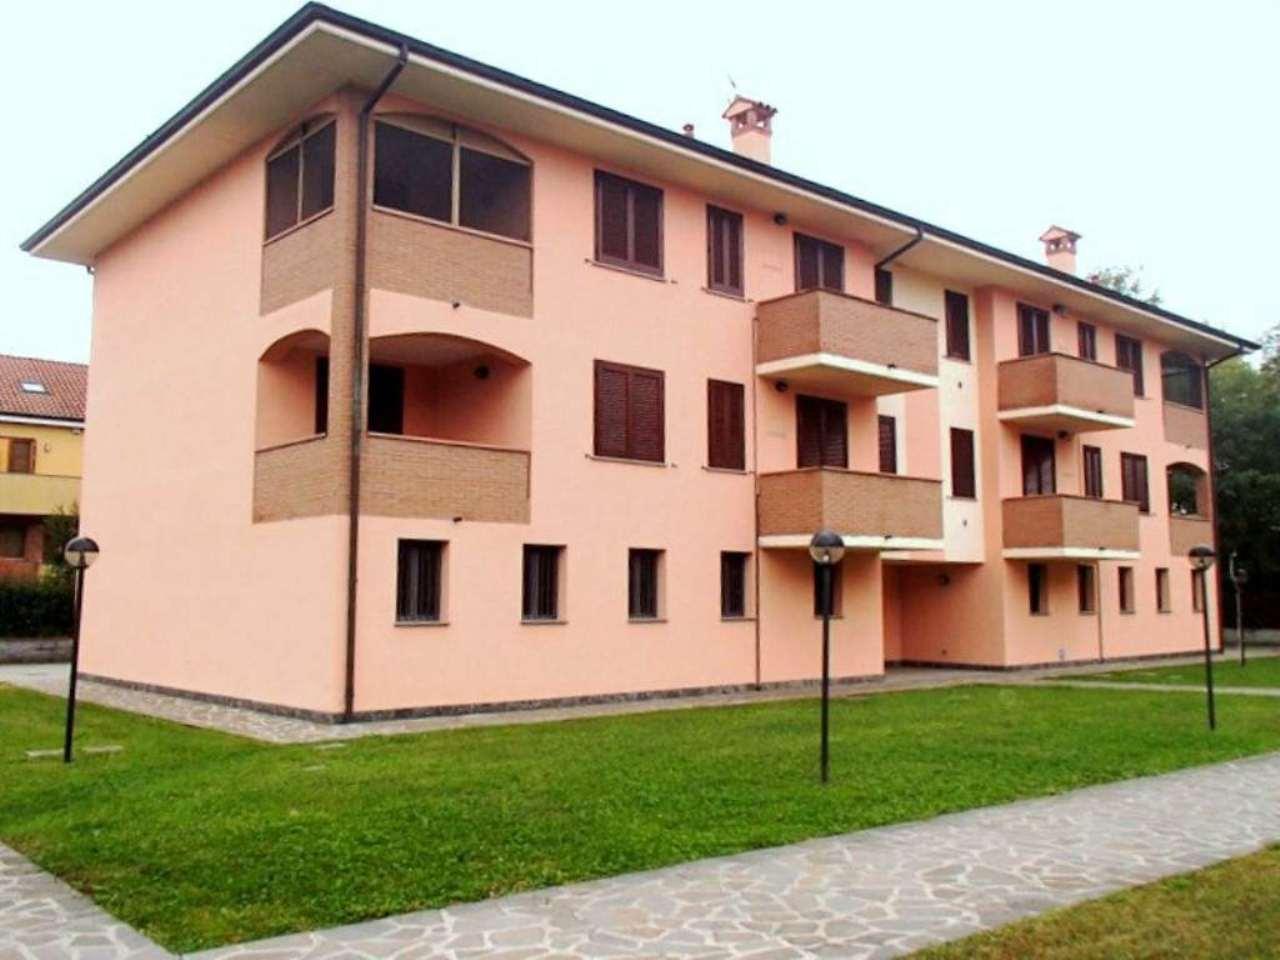 Appartamento in vendita a Landriano, 3 locali, prezzo € 140.000   Cambio Casa.it